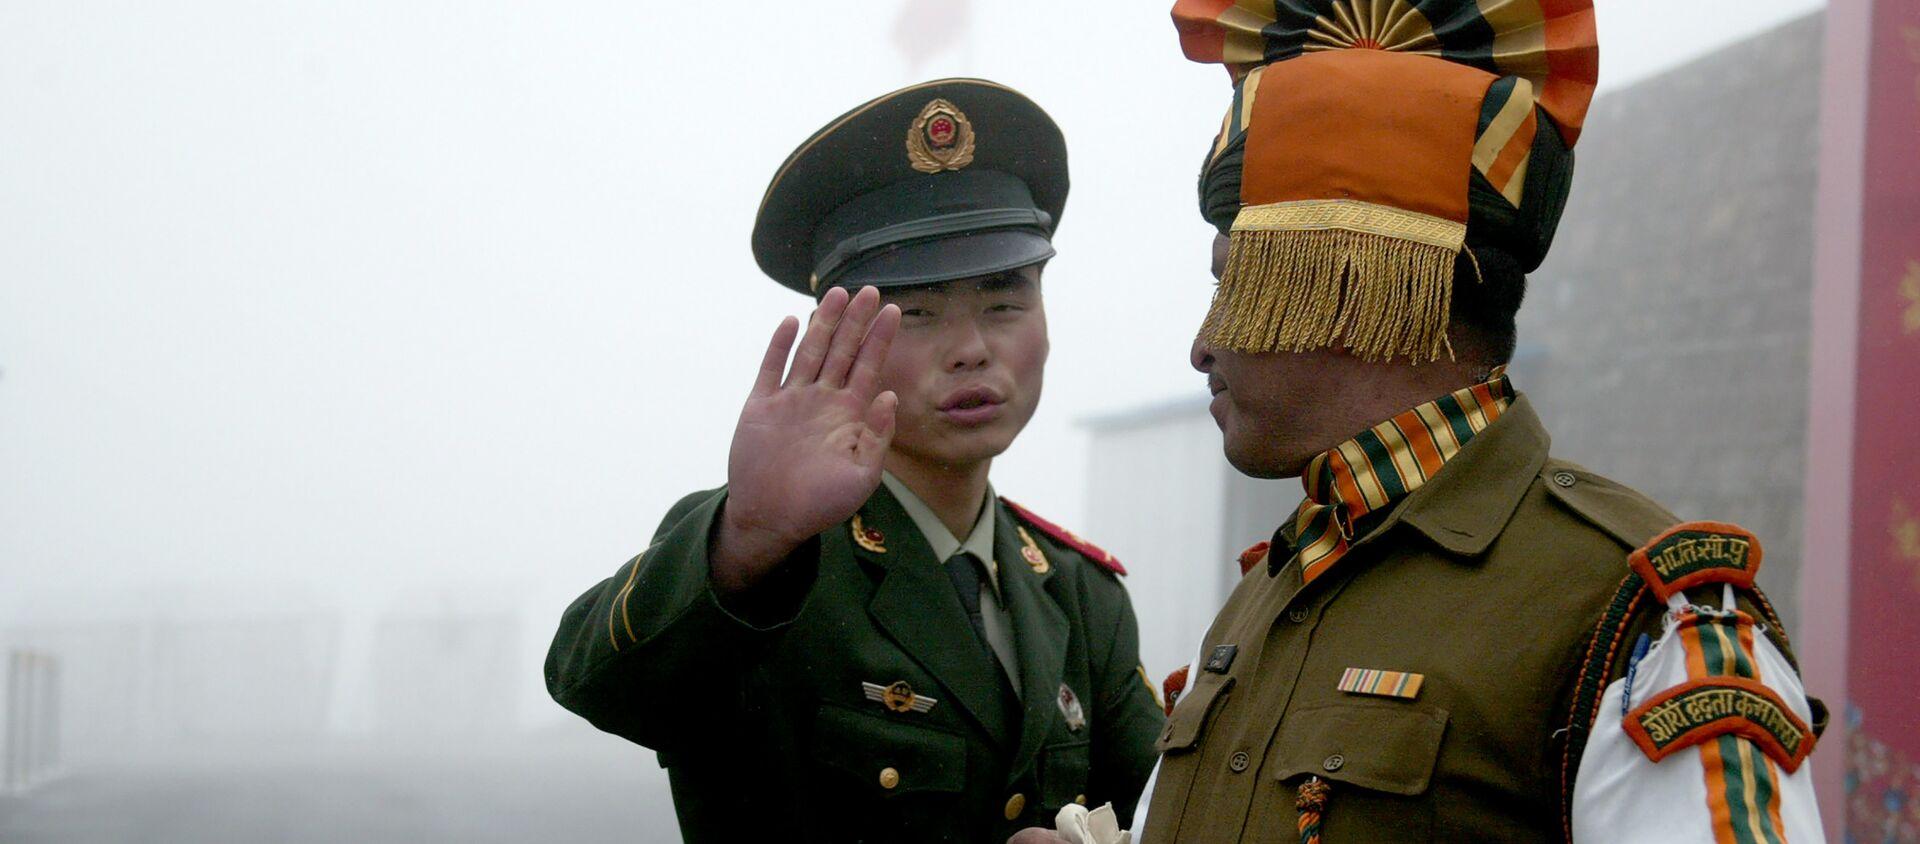 Un soldat chinois face à un militaire indien à la frontière dans l'Etat du Sikkim (nord-est) de l'Inde. - Sputnik France, 1920, 25.01.2021